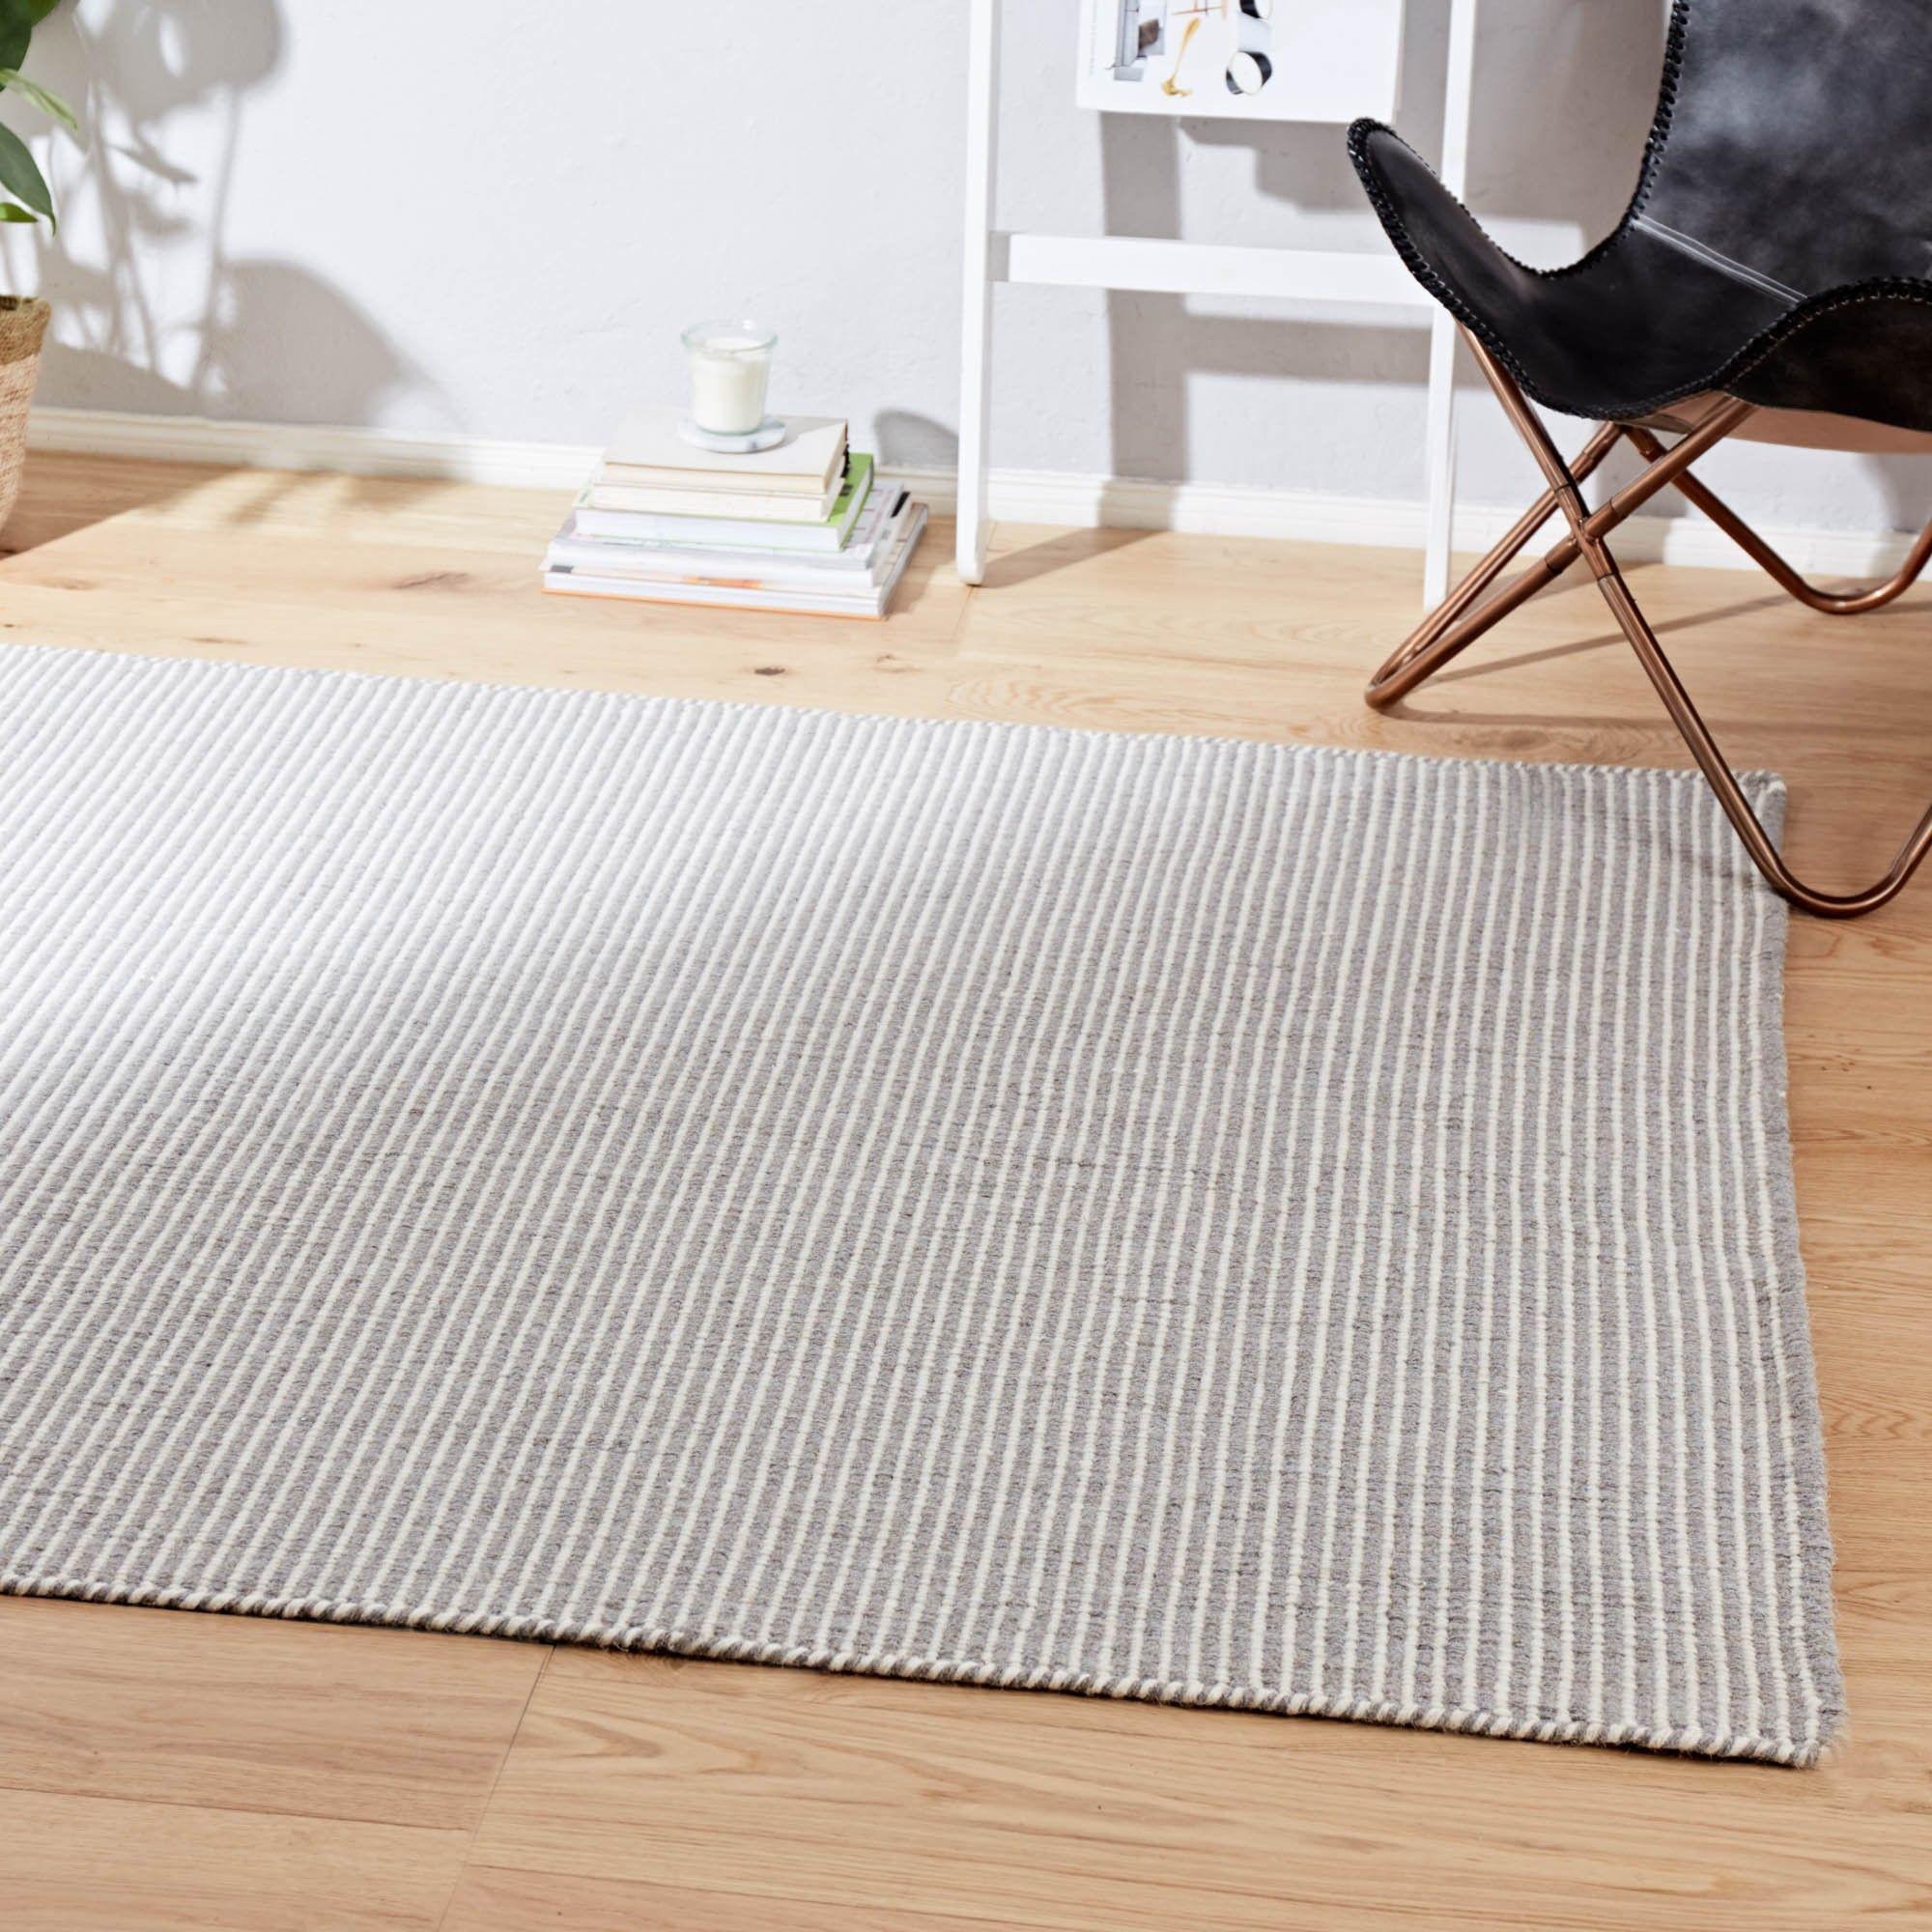 Marvelous Einfache Dekoration Und Mobel Bodengestaltung Mit Designer Teppichen #11: Teppich Kalasi